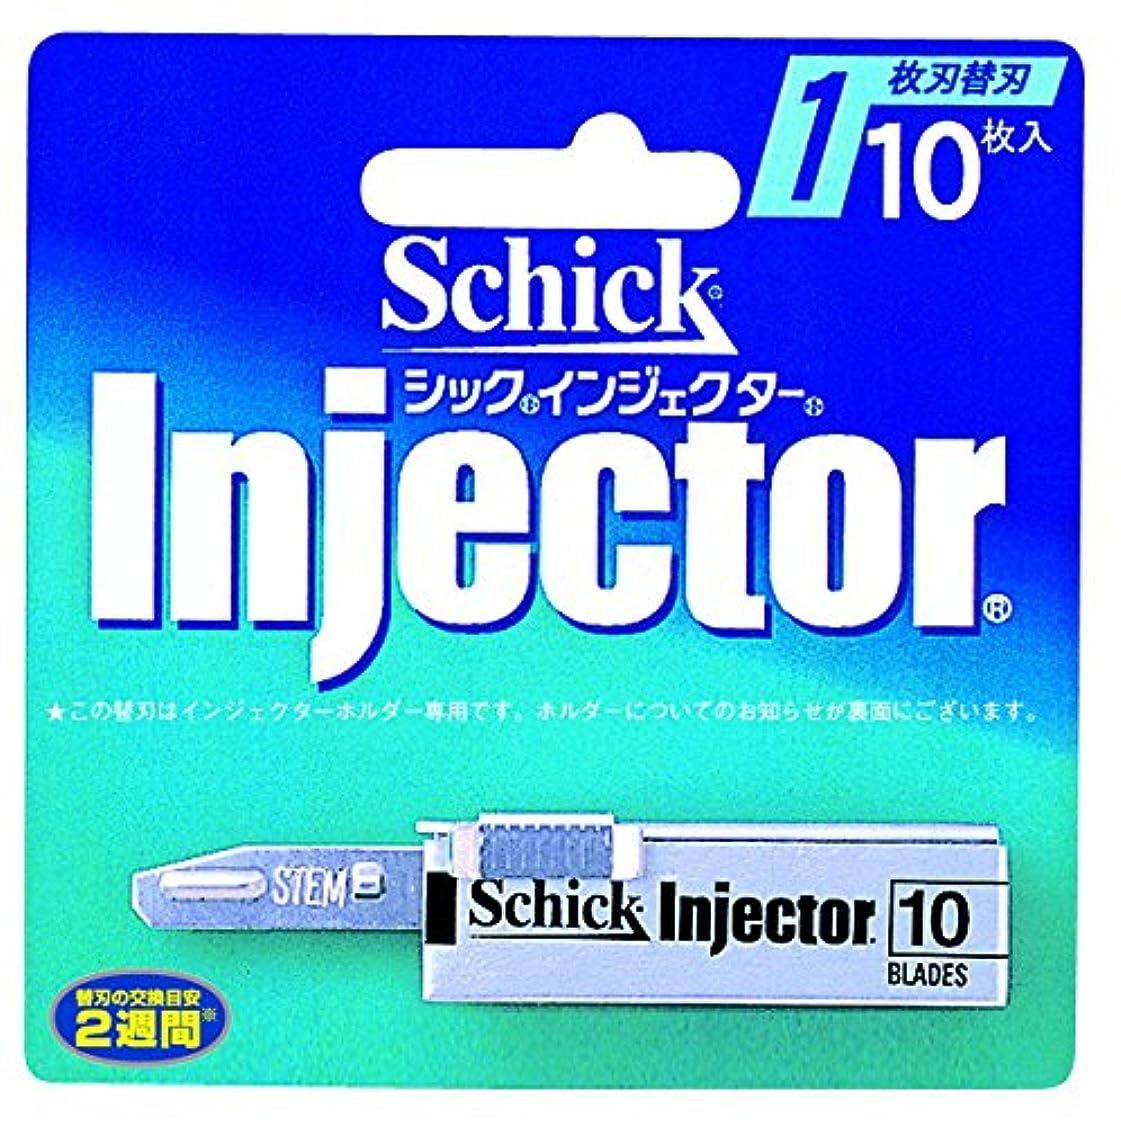 肉腫フレームワークグリーンバックシック インジェクター替刃(10枚入り)